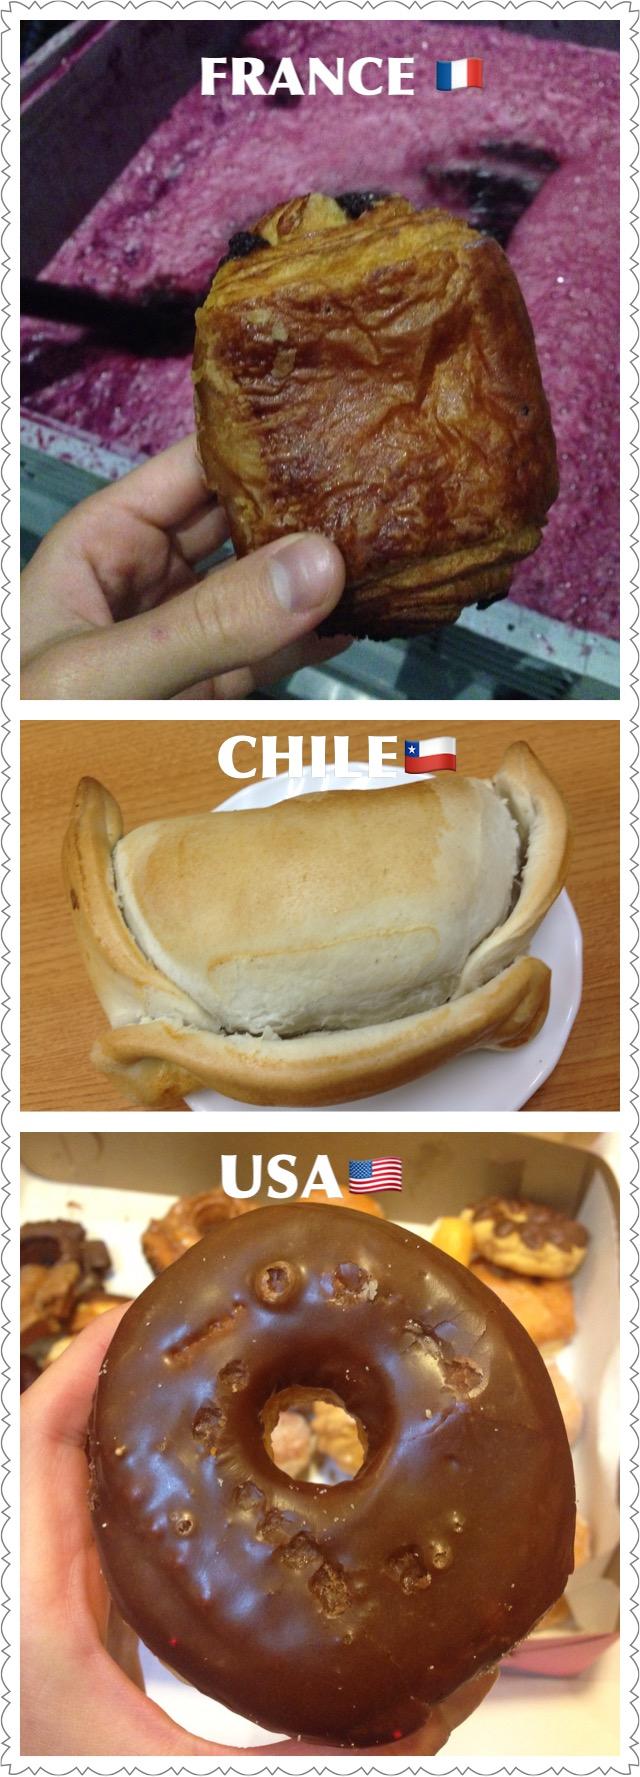 3food